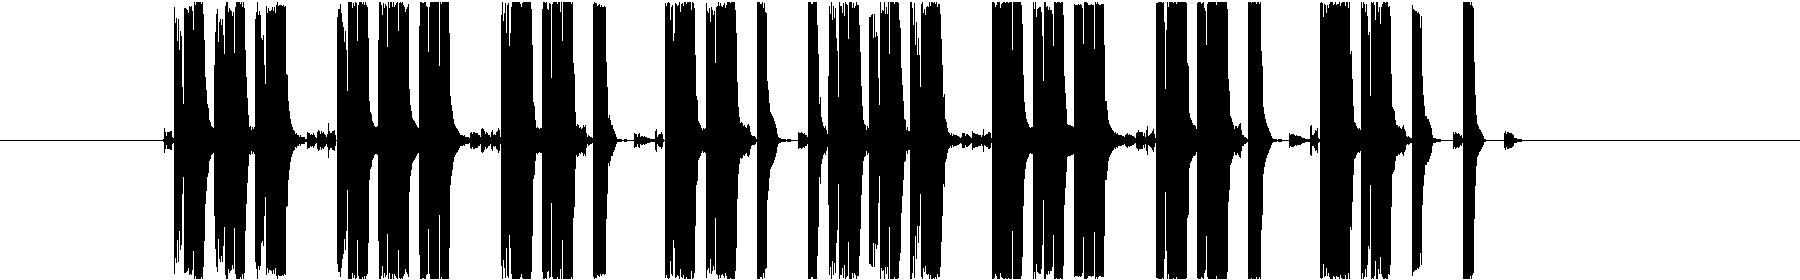 basshitthedust 128bpm